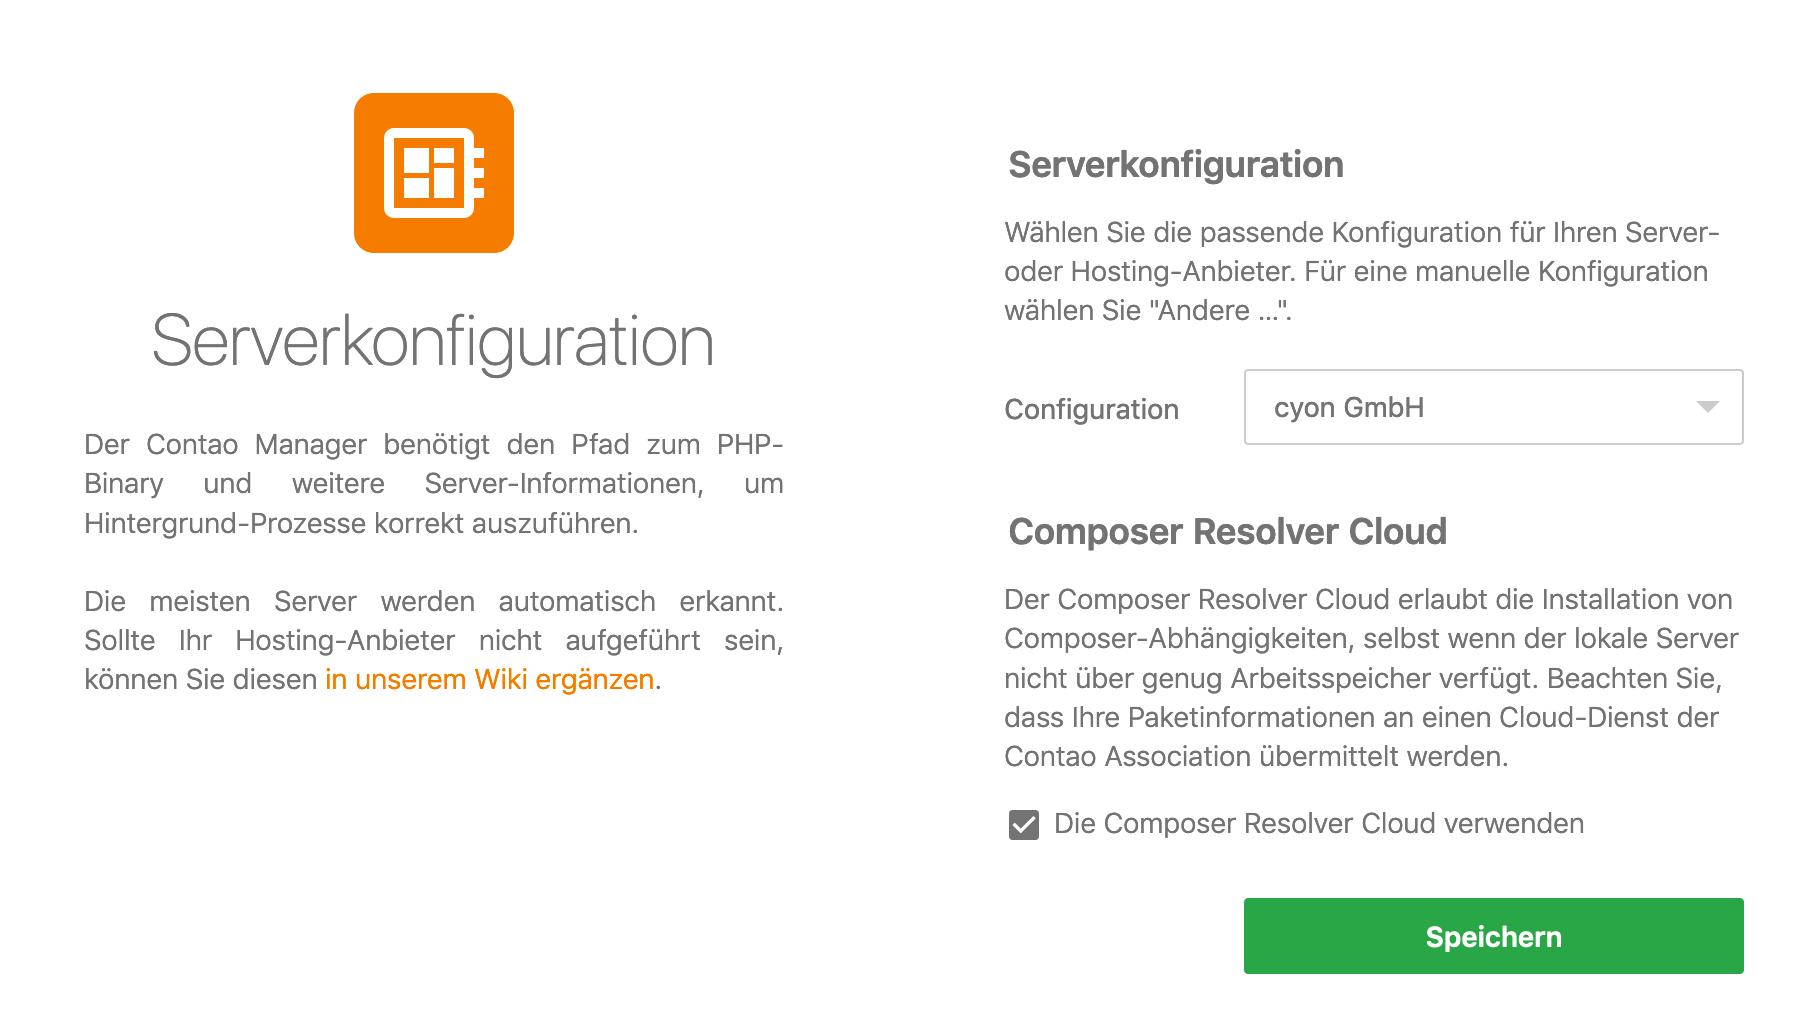 Serverkonfiguration auswählen